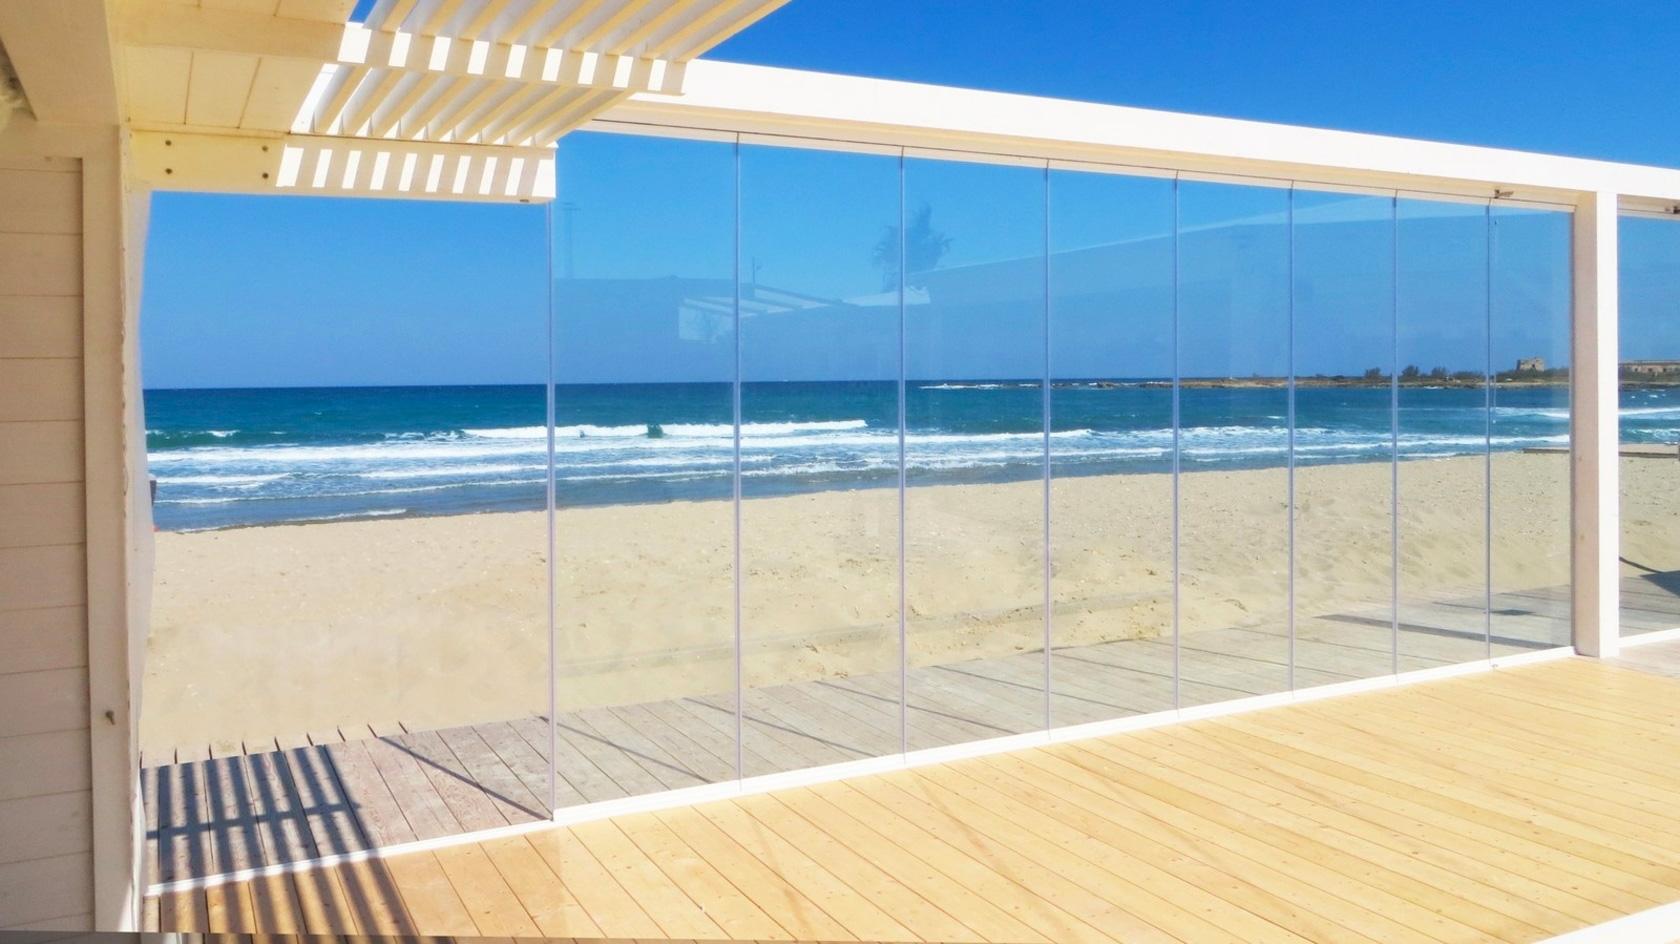 vetrata scorrevole su spiaggia